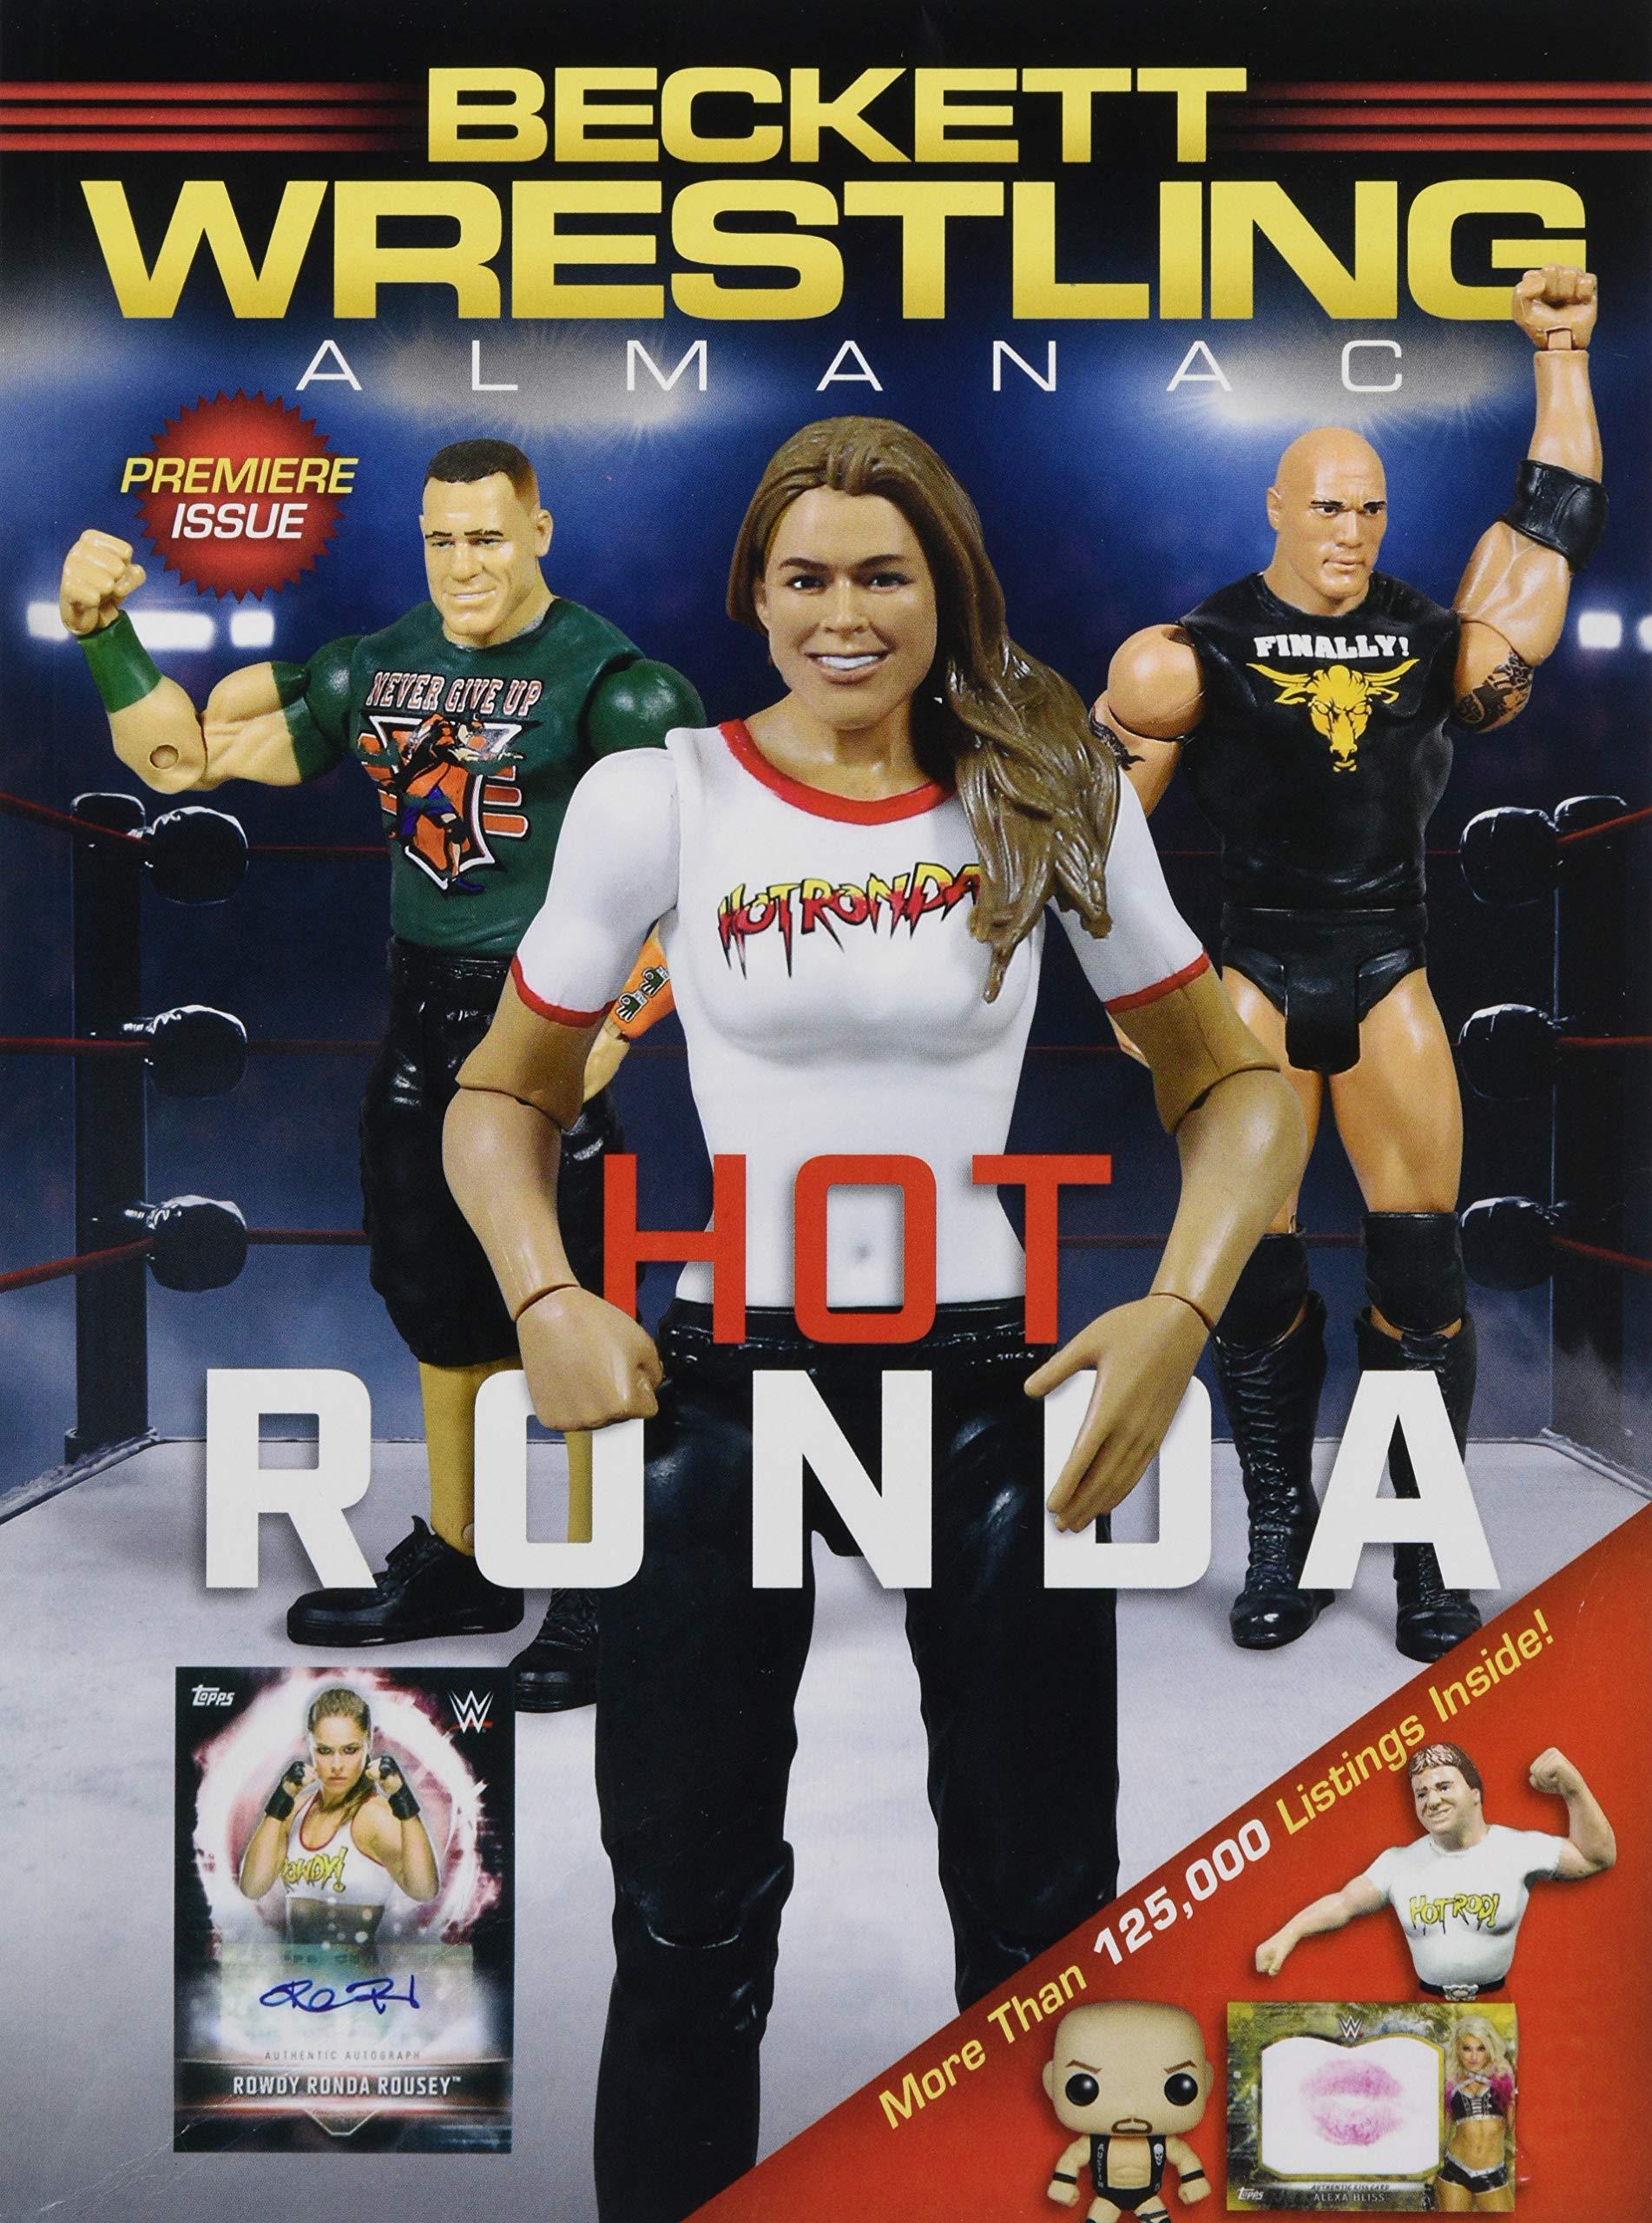 Beckett Wrestling Almanac 2019 Beckett Media 9781936681532 Amazon